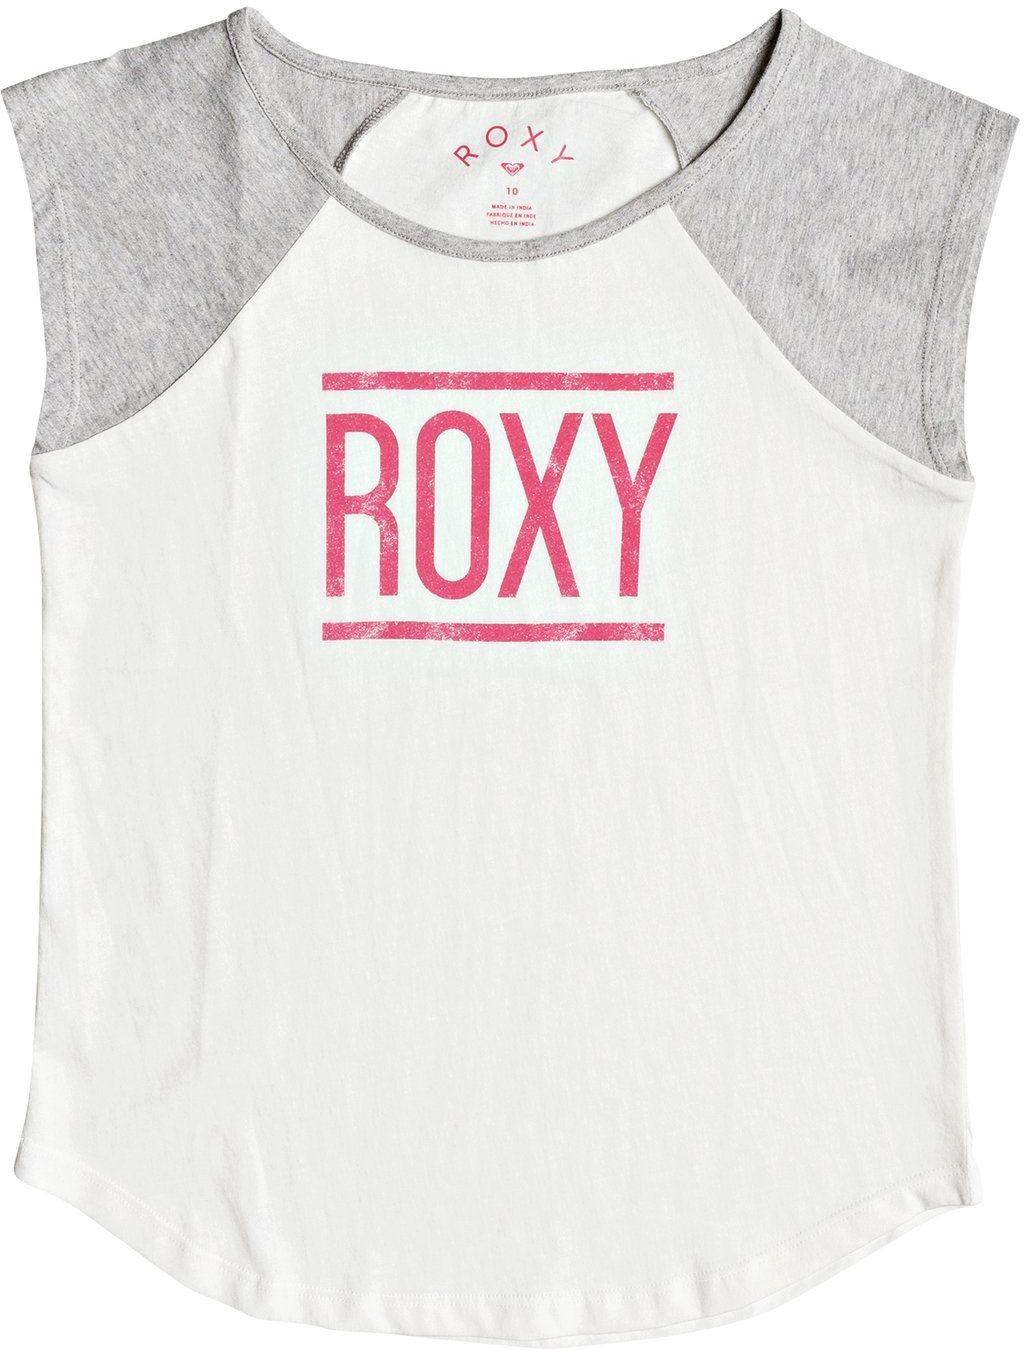 Roxy top HEAVENs A HEARTBREAK YOUTH Marshmallow WBT0